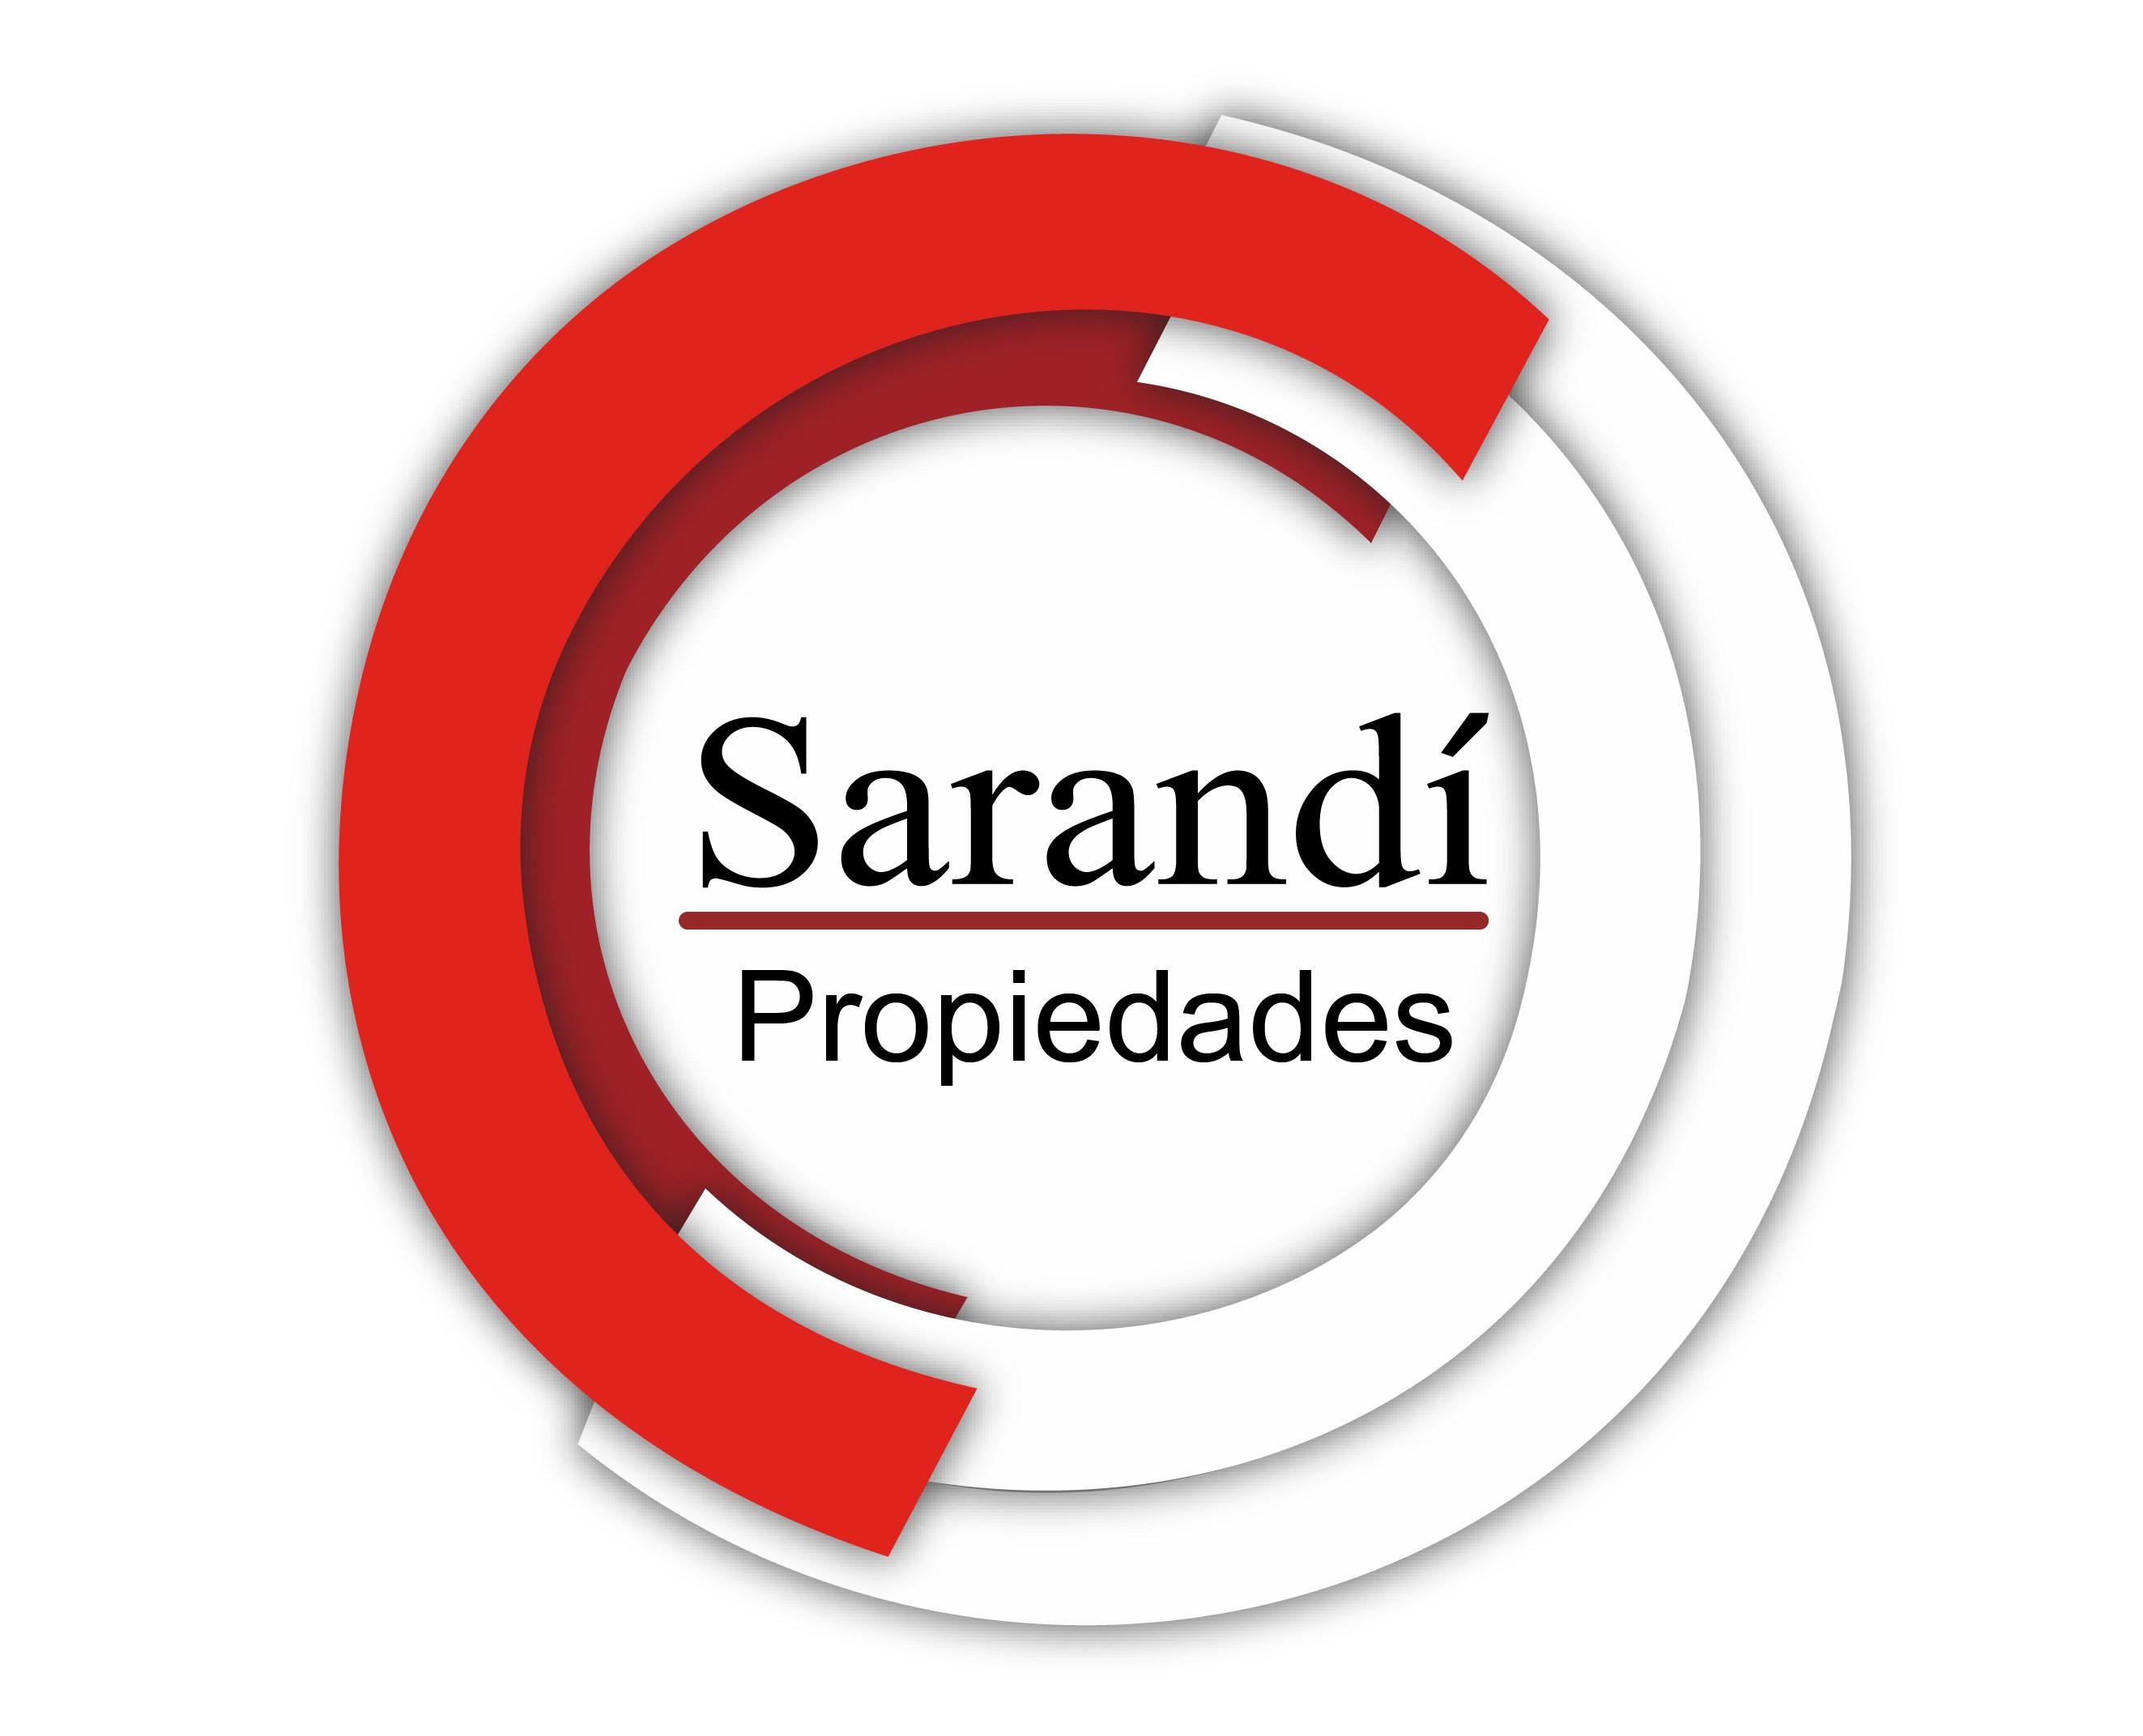 Sarandí